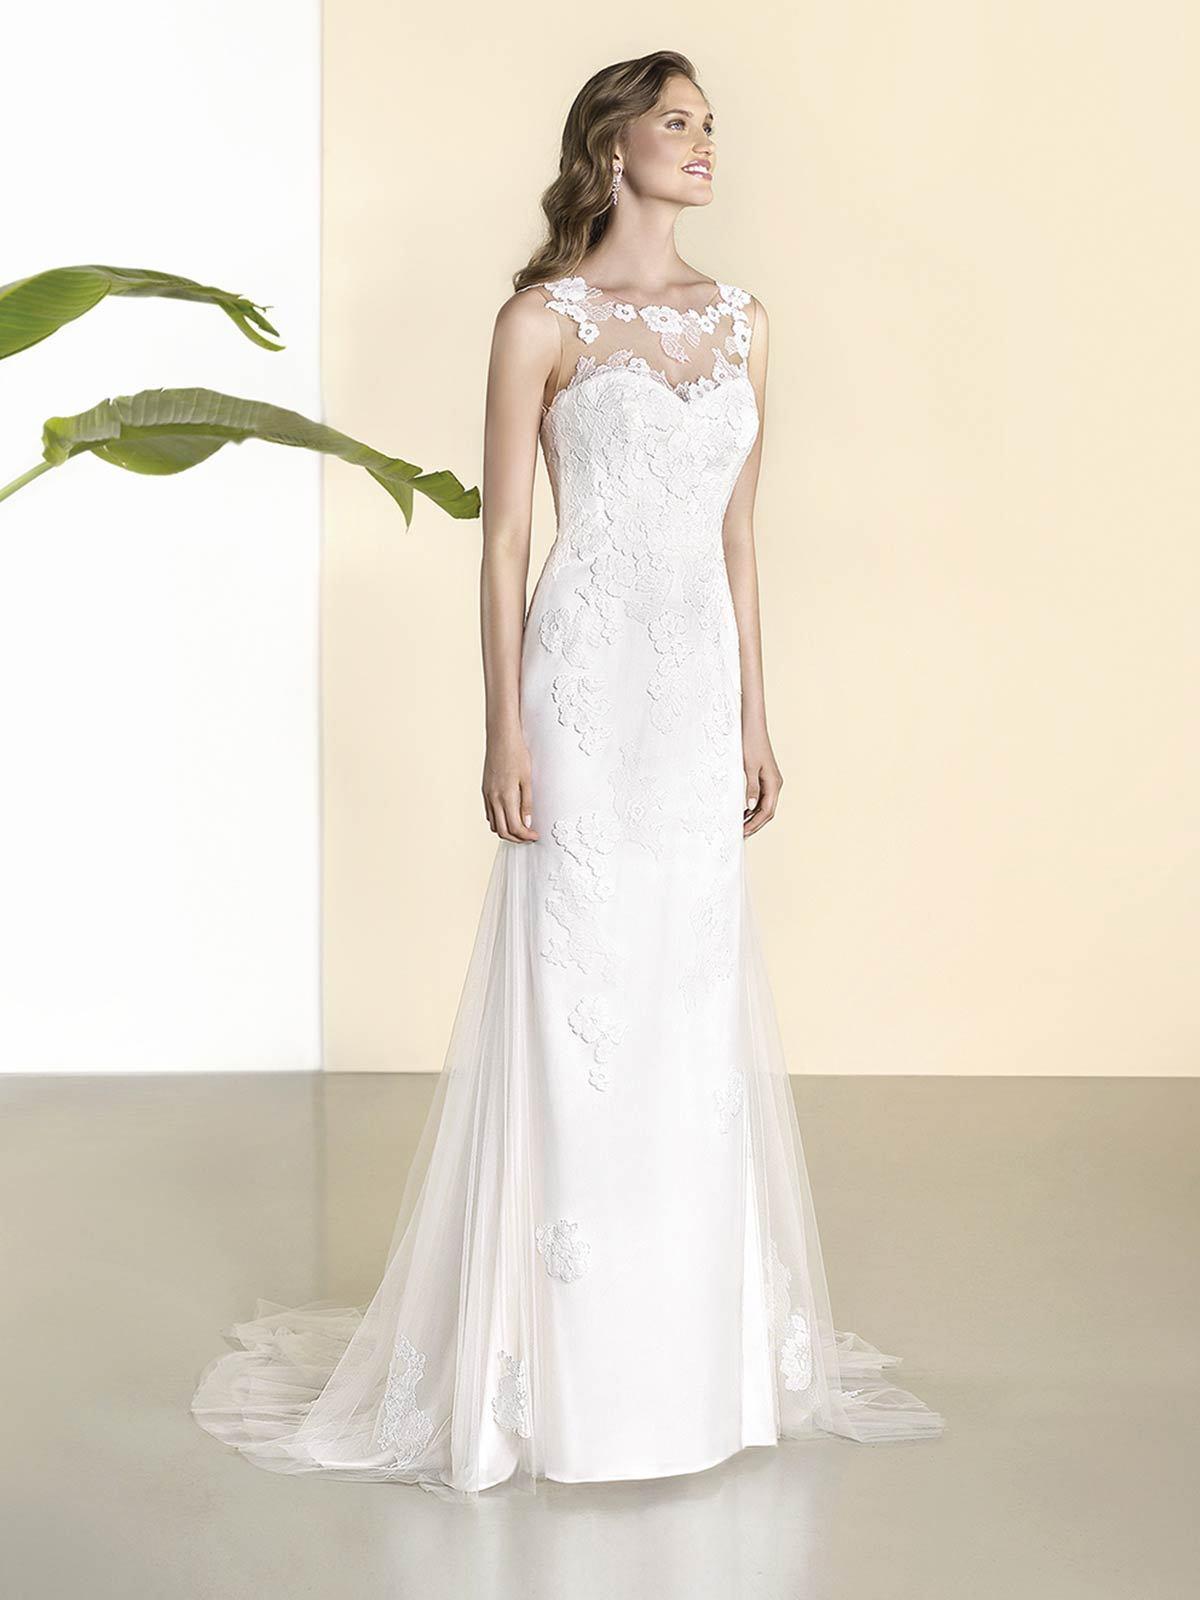 Brautkleid Dean von Marylise auf Ja.de